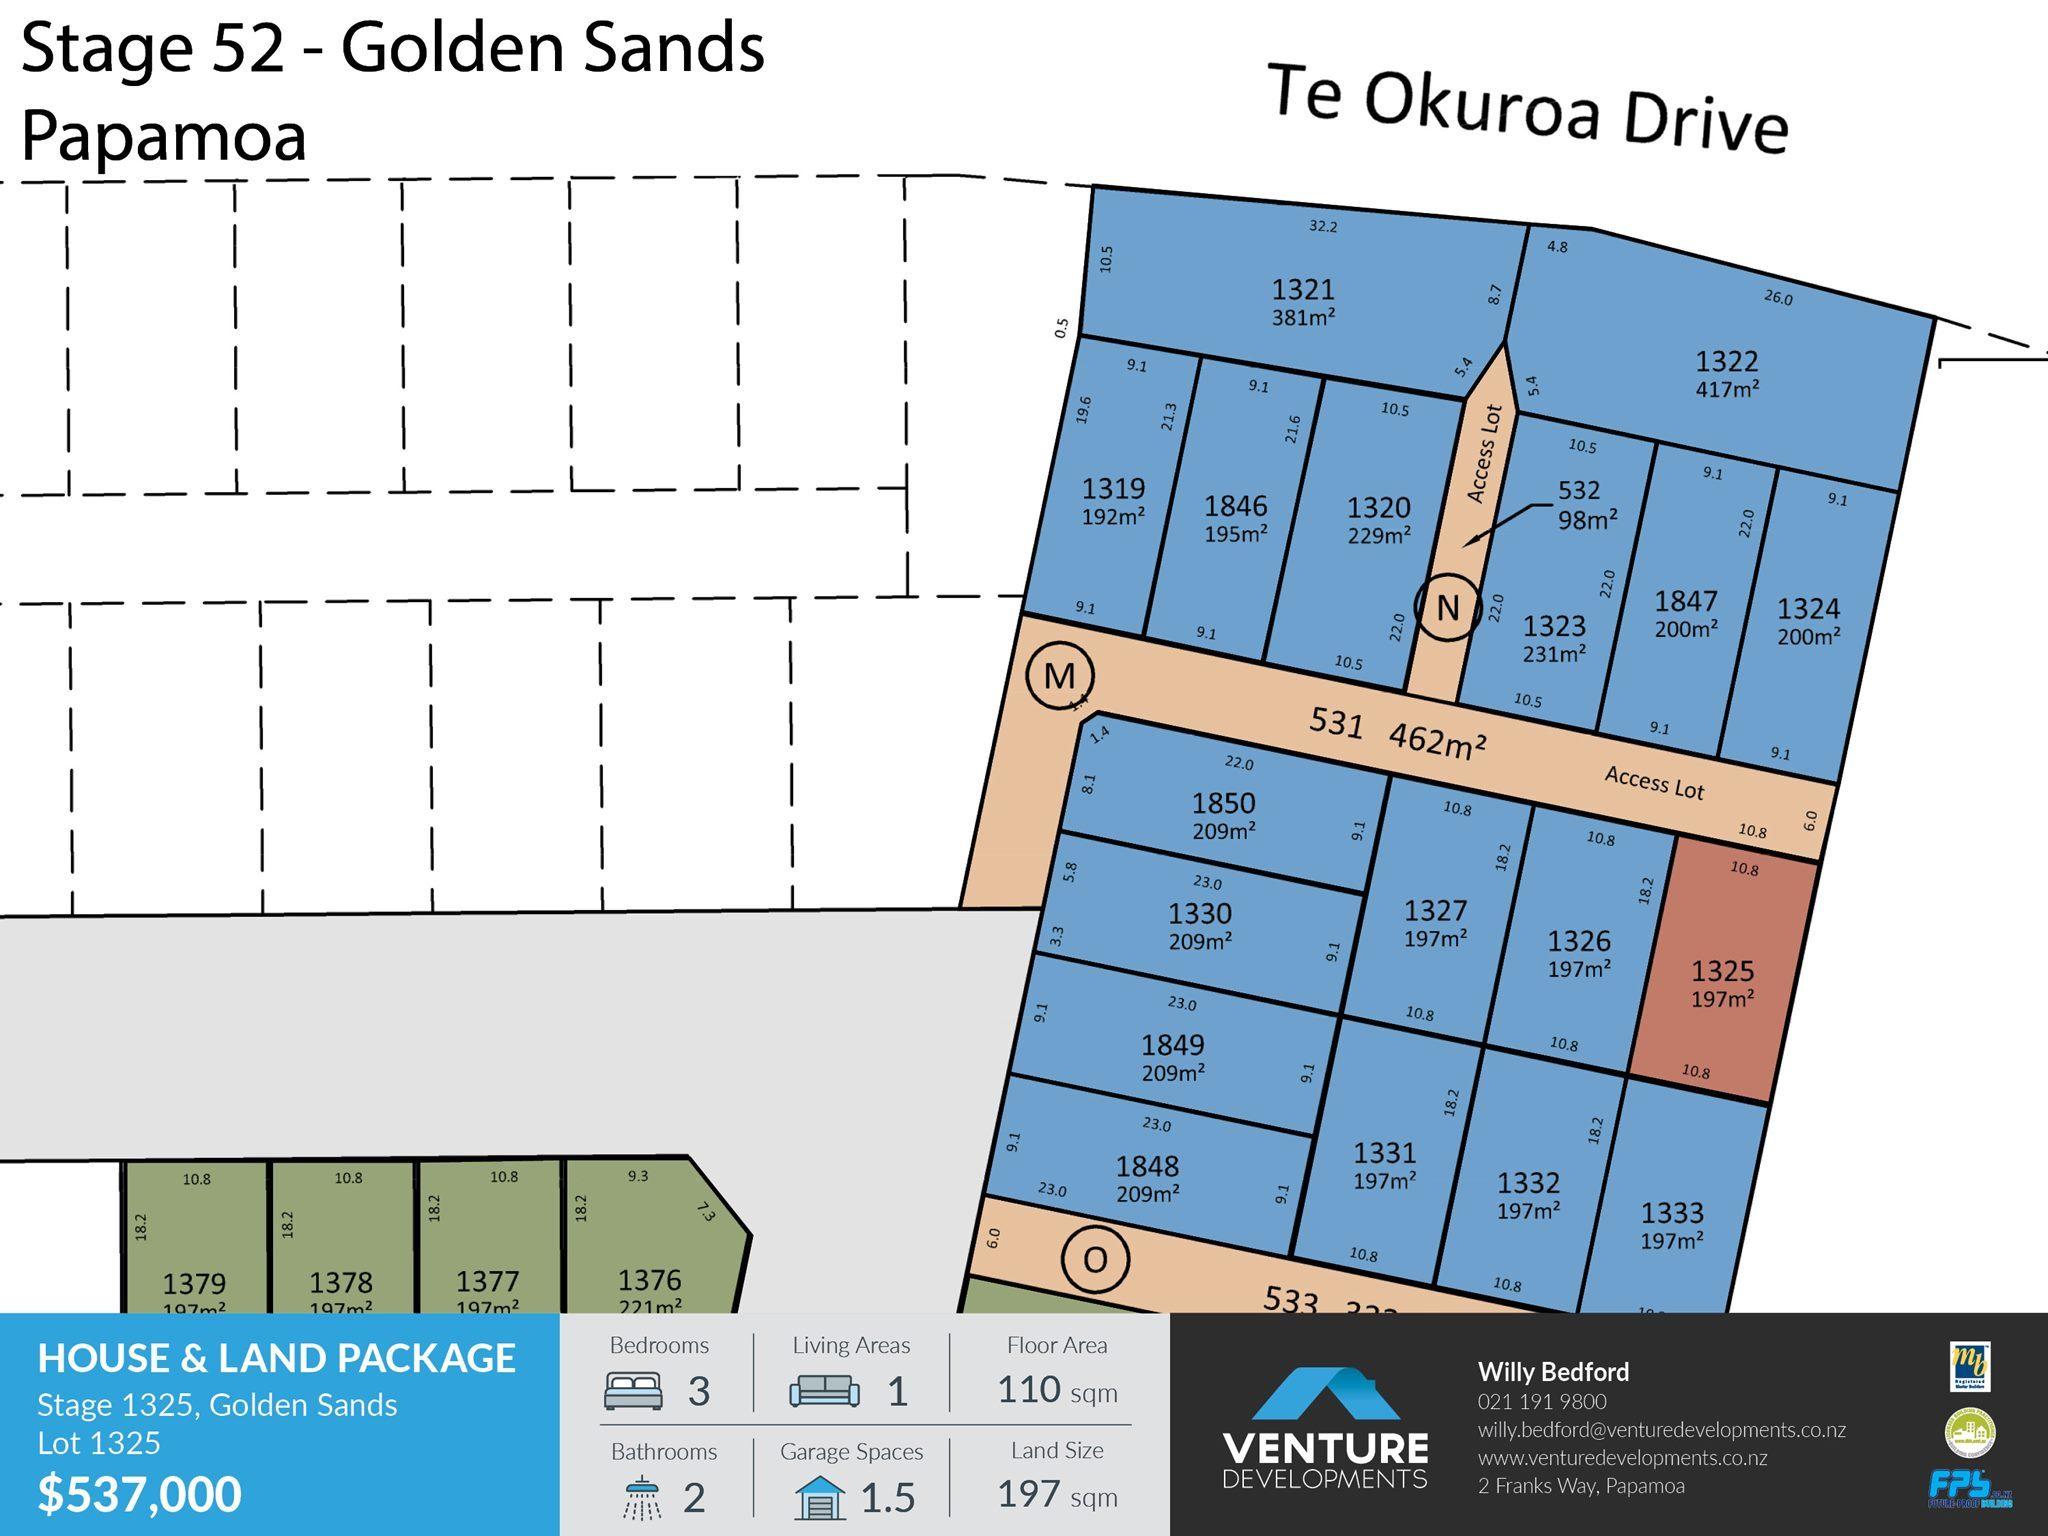 Lot 1327, Stage 52 - Golden Sands